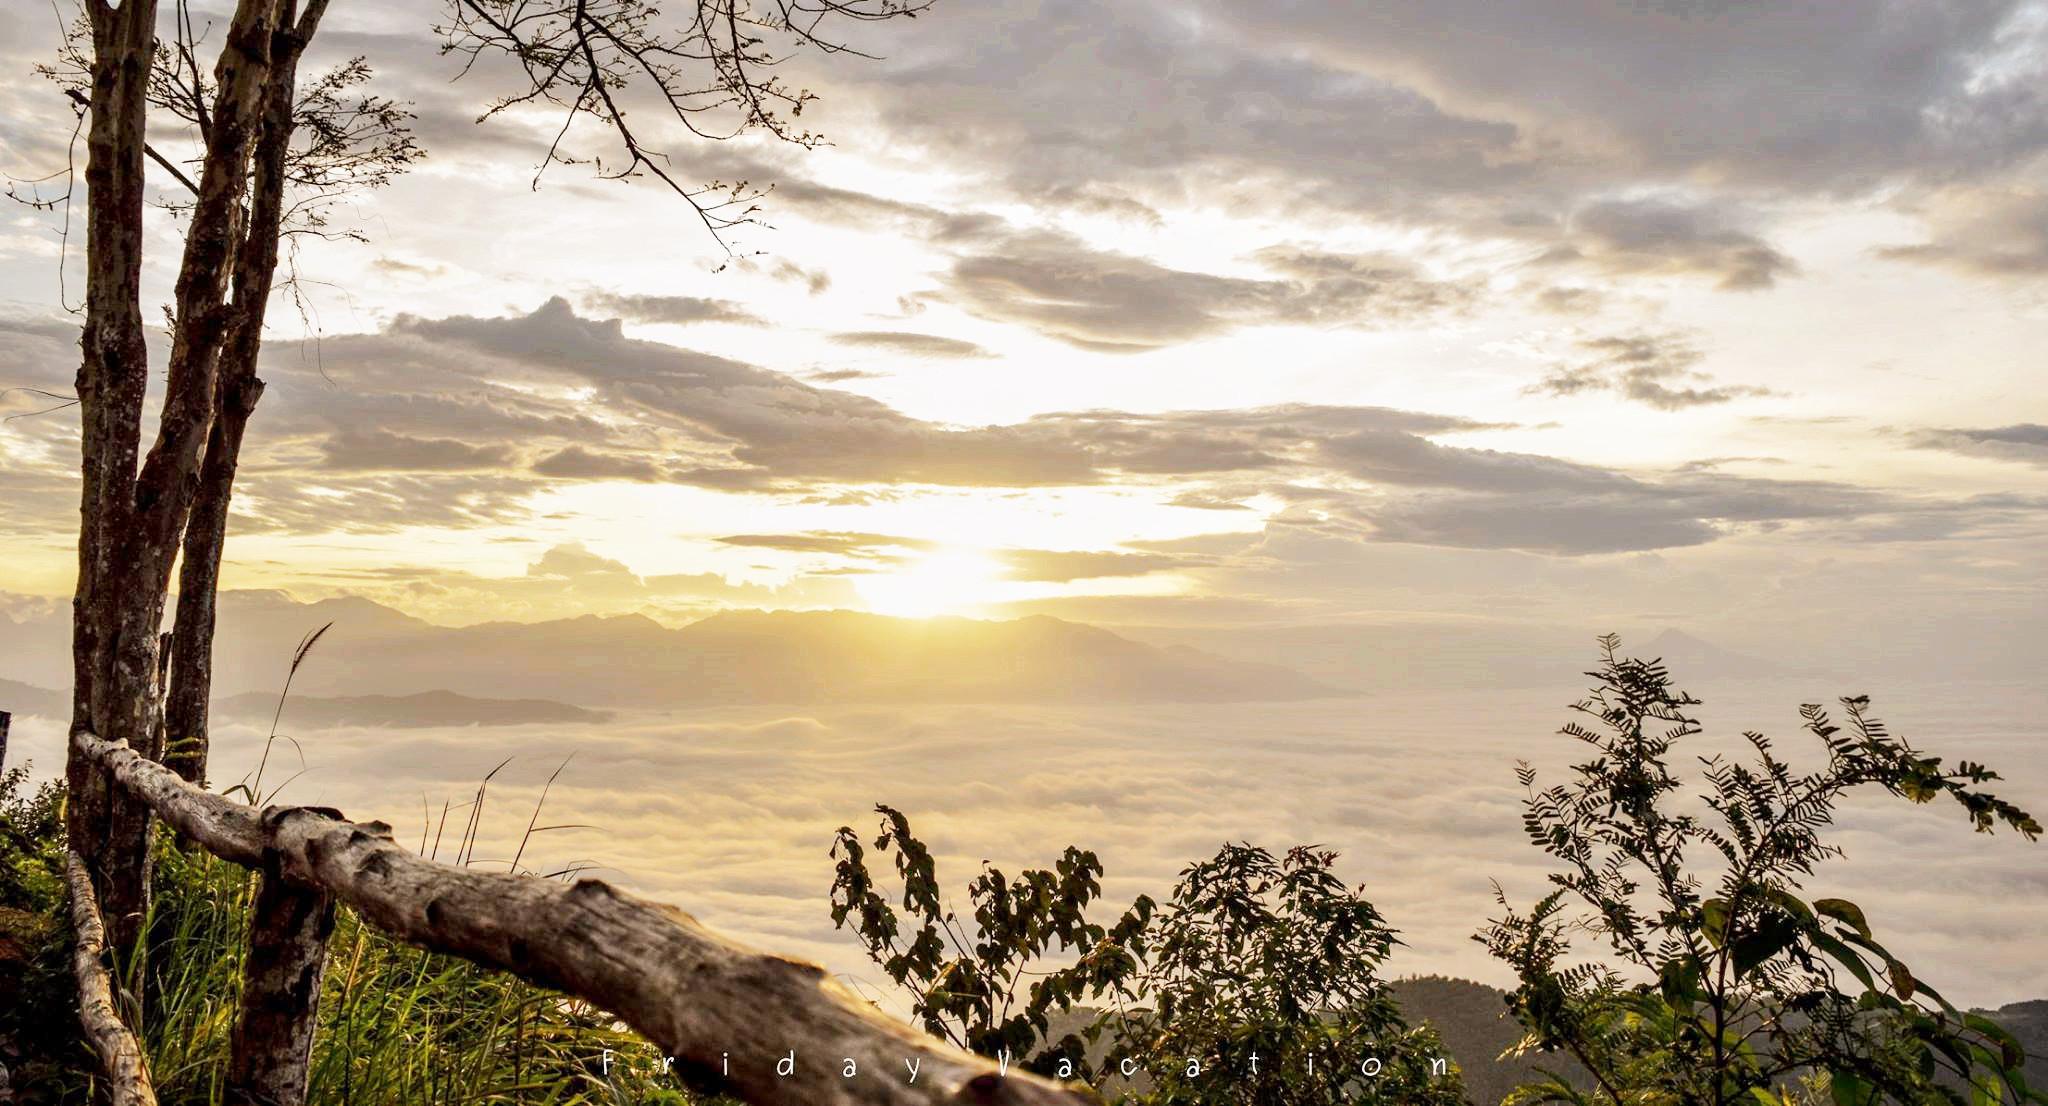 ทะเลหมอกเขาศูนย์ นั่งชมทะเลหมอก ดูพระอาทิตย์ขึ้น สูดอากาศสดชื่น ณ จุดชมวิวยอดเขาศูนย์ นครศรีธรรมราช นครศรีดีย์